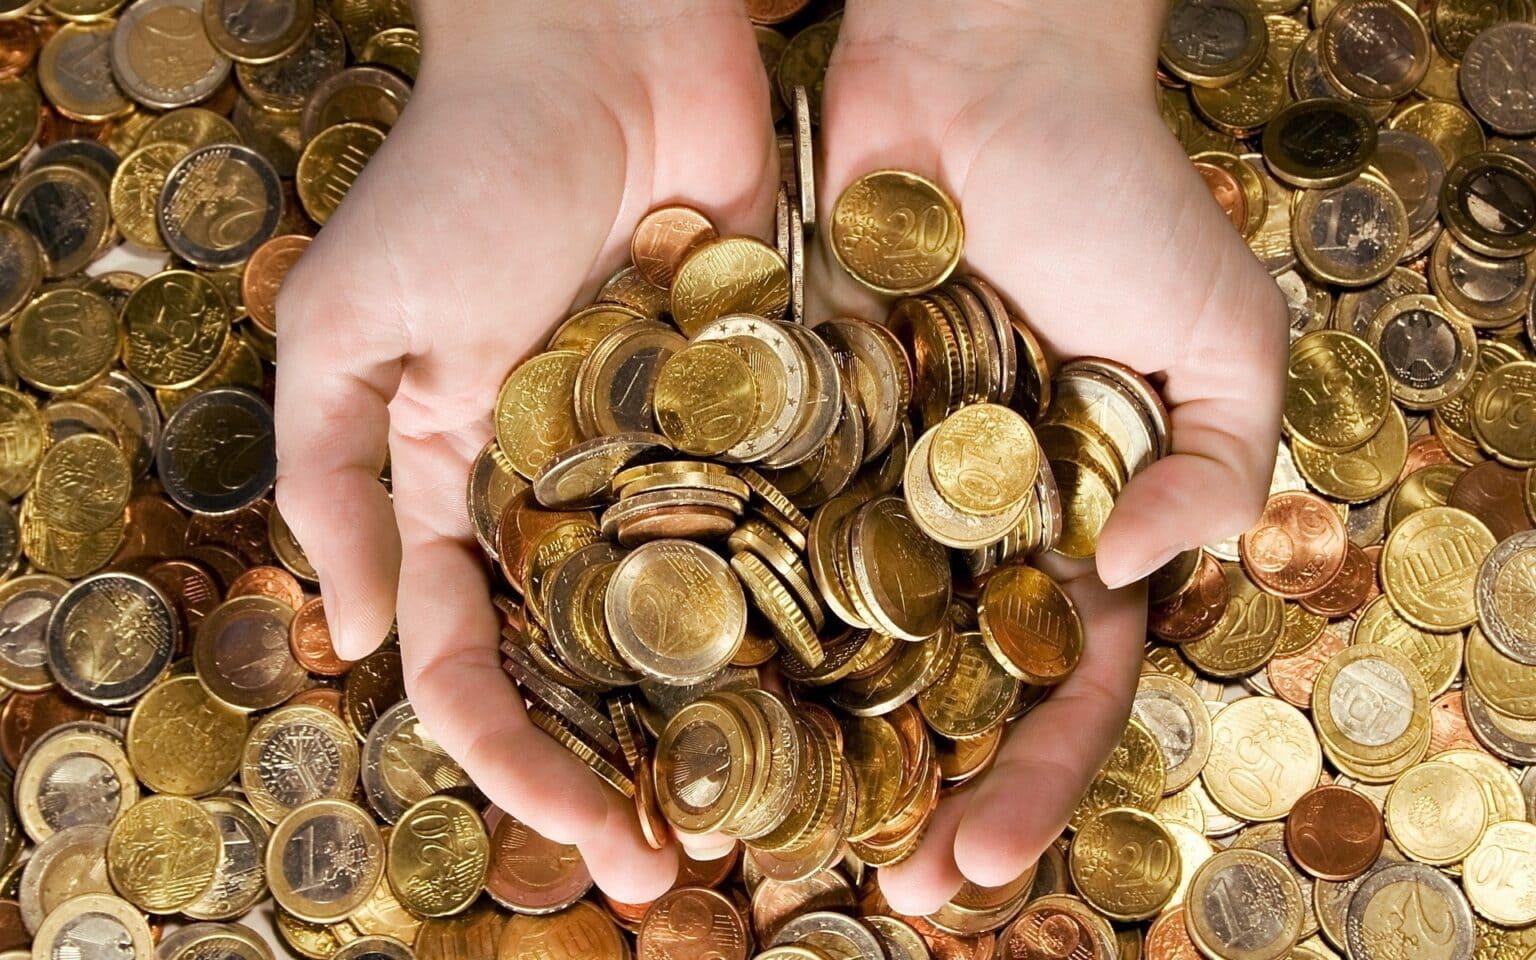 Мудры для привлечения денег, удачи, влияния